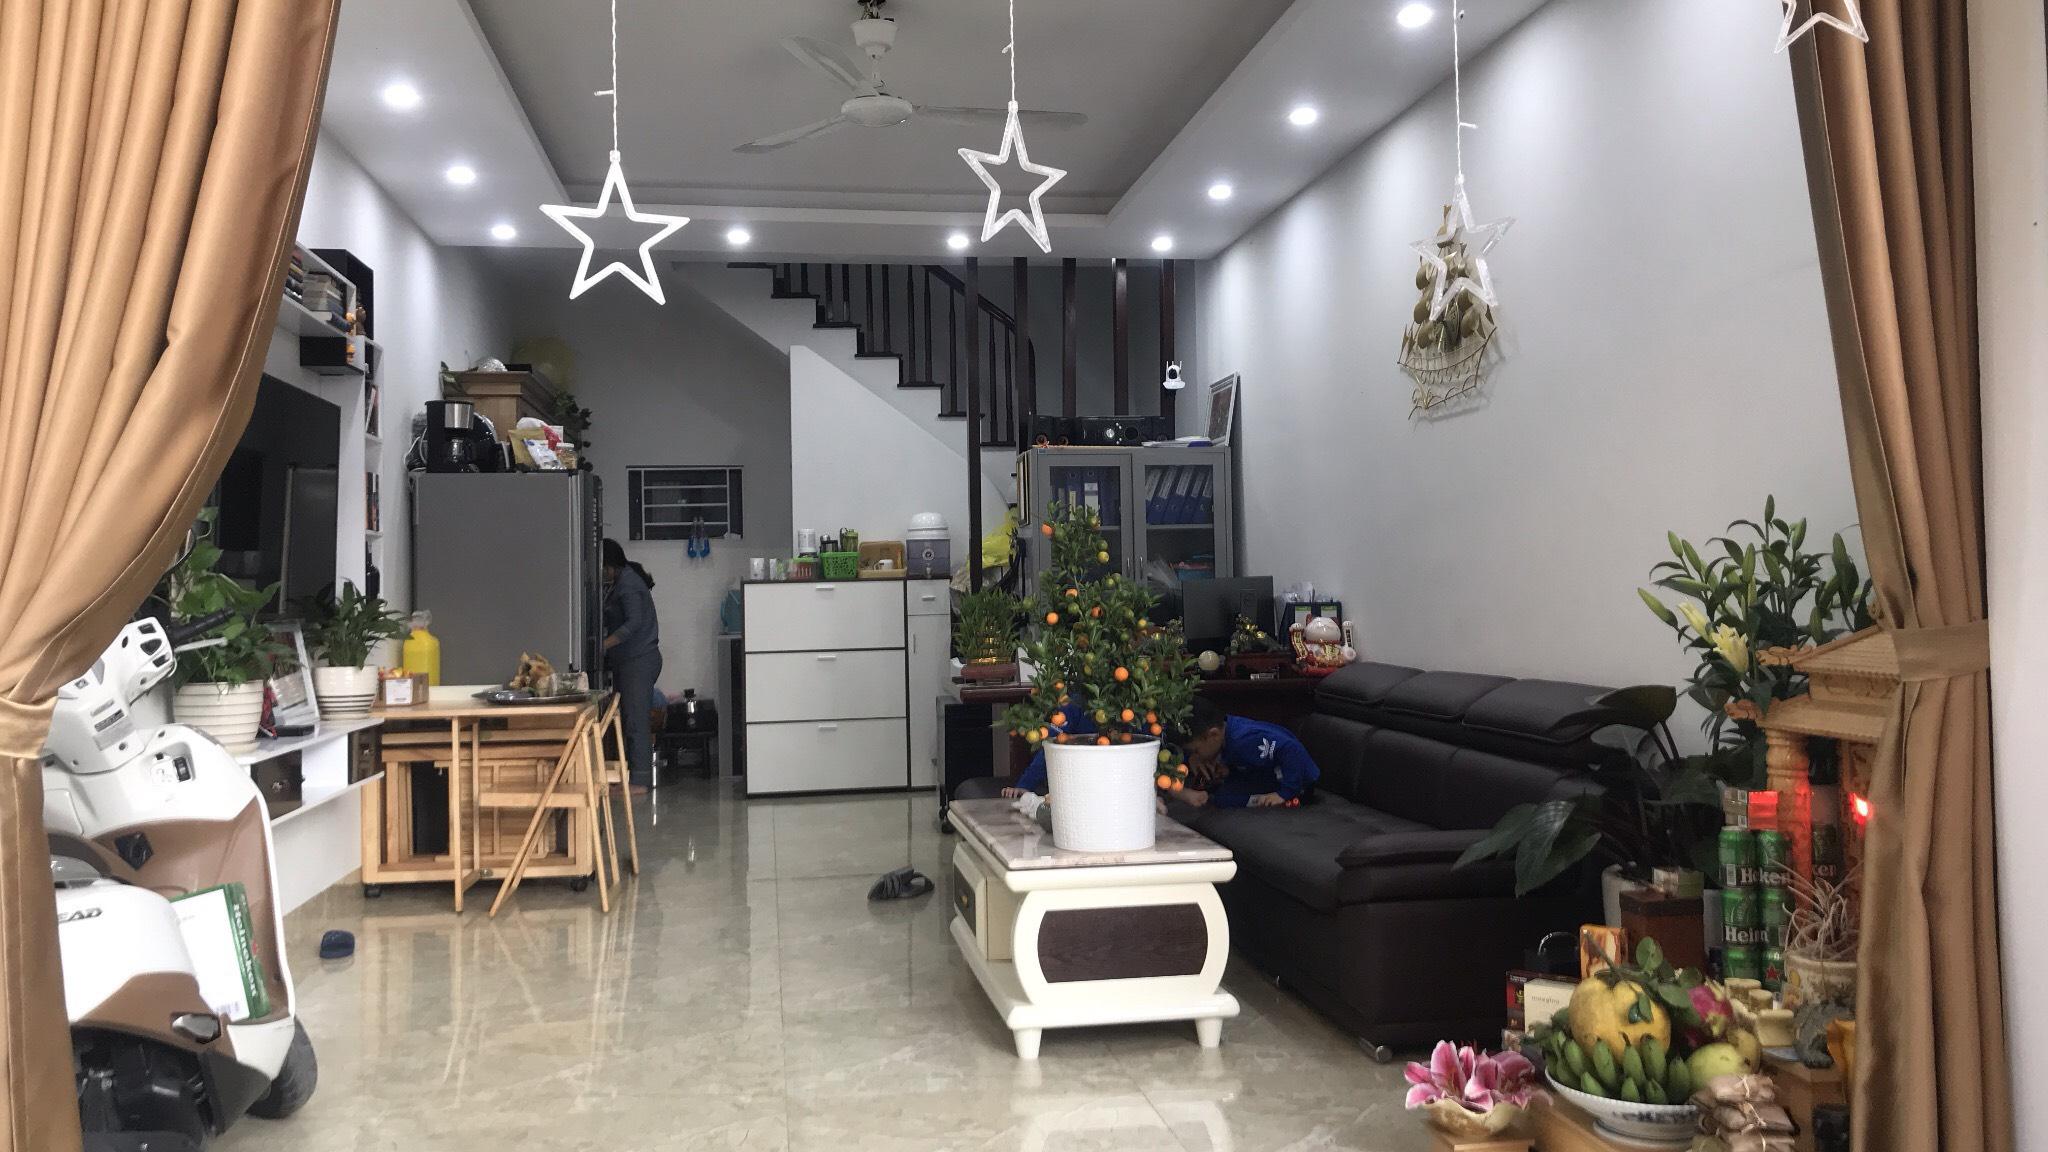 Chính chủ bán nhà tại ngõ 318/70 Ngọc Trì, thạch Bàn, Long Biên DT35.5m2x4 tầng Giá 2.75 tỷ